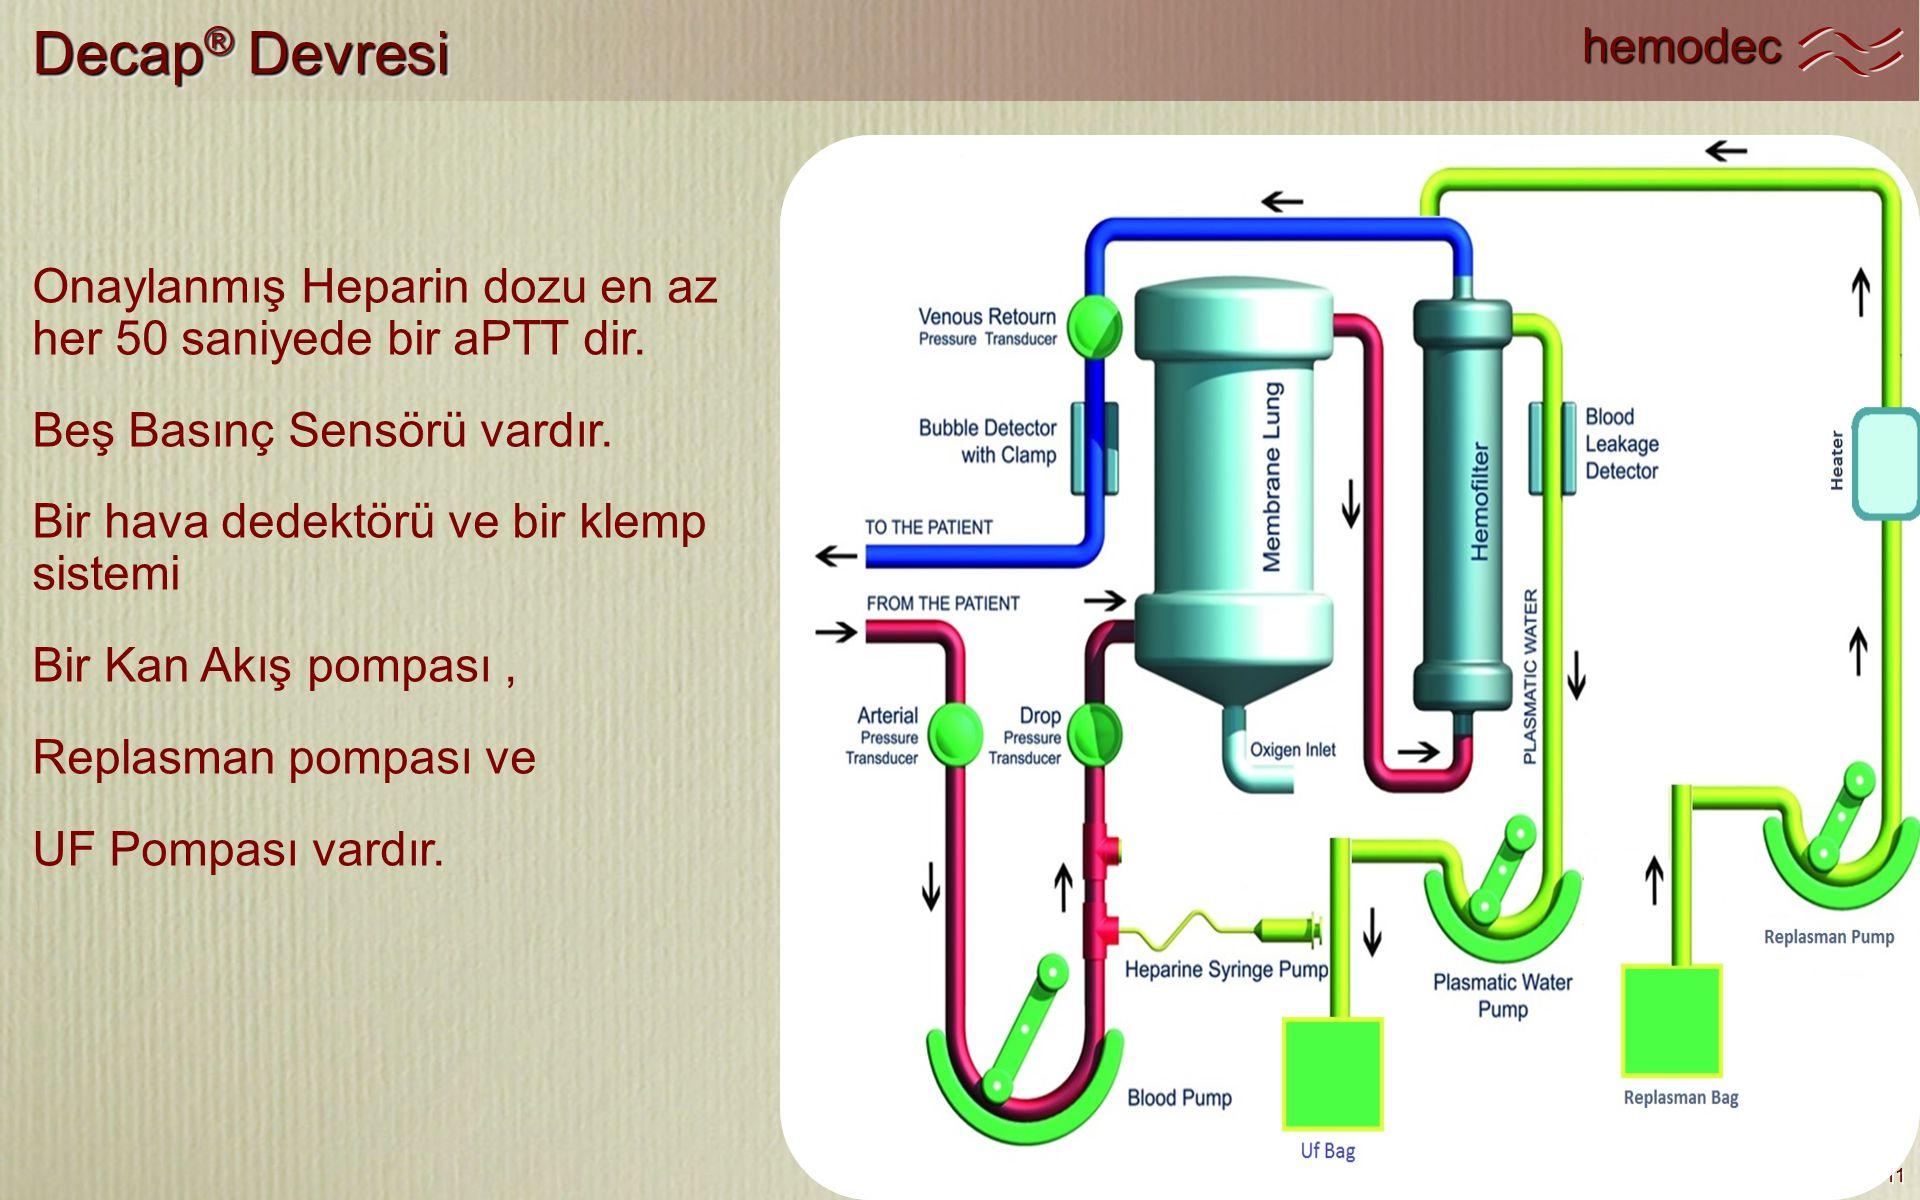 Decap® Devresi Onaylanmış Heparin dozu en az her 50 saniyede bir aPTT dir. Beş Basınç Sensörü vardır.